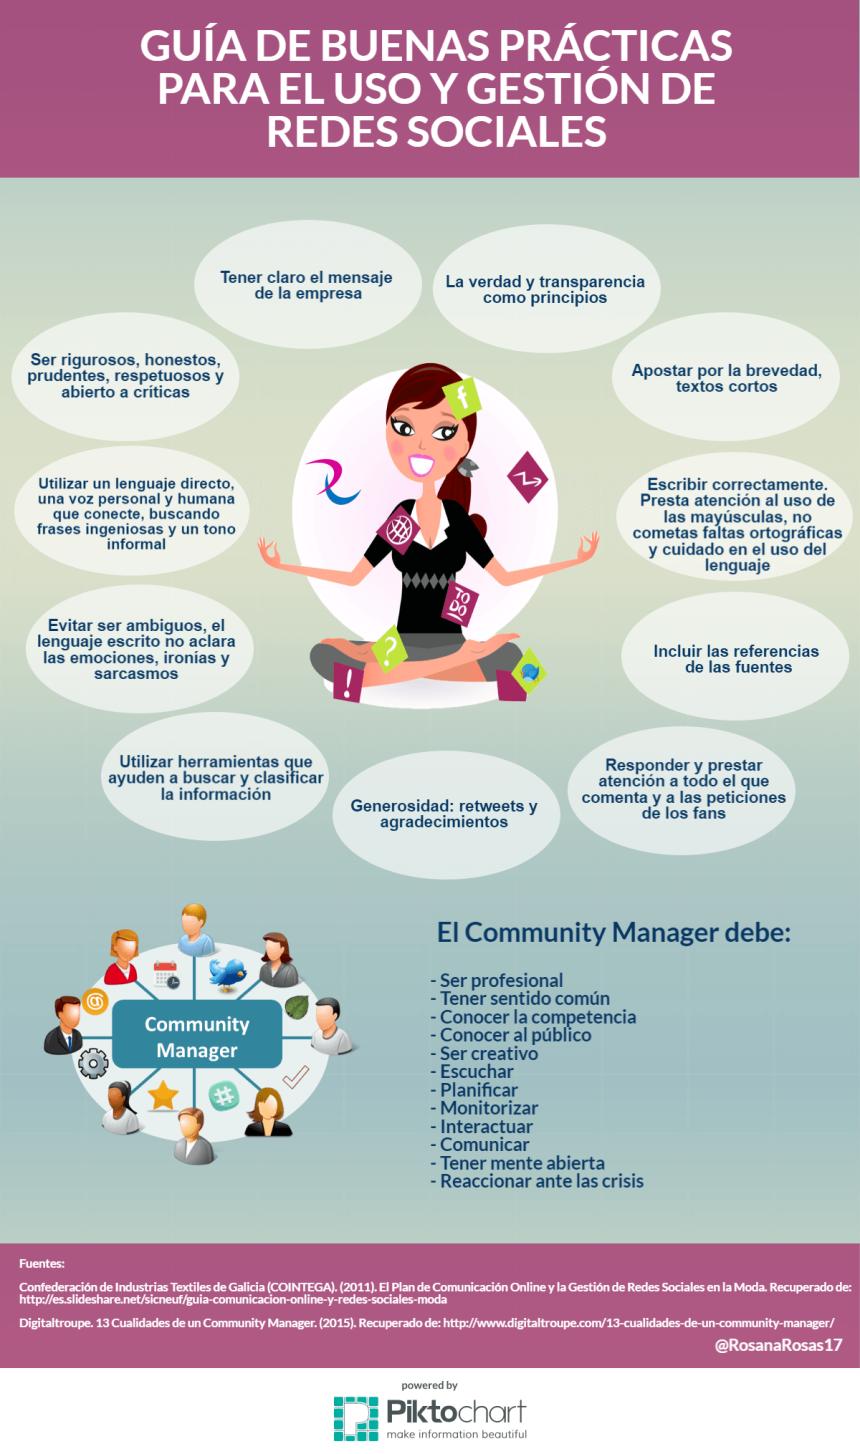 Guía de Buenas Prácticas para el Uso y Gestión de Redes Sociales